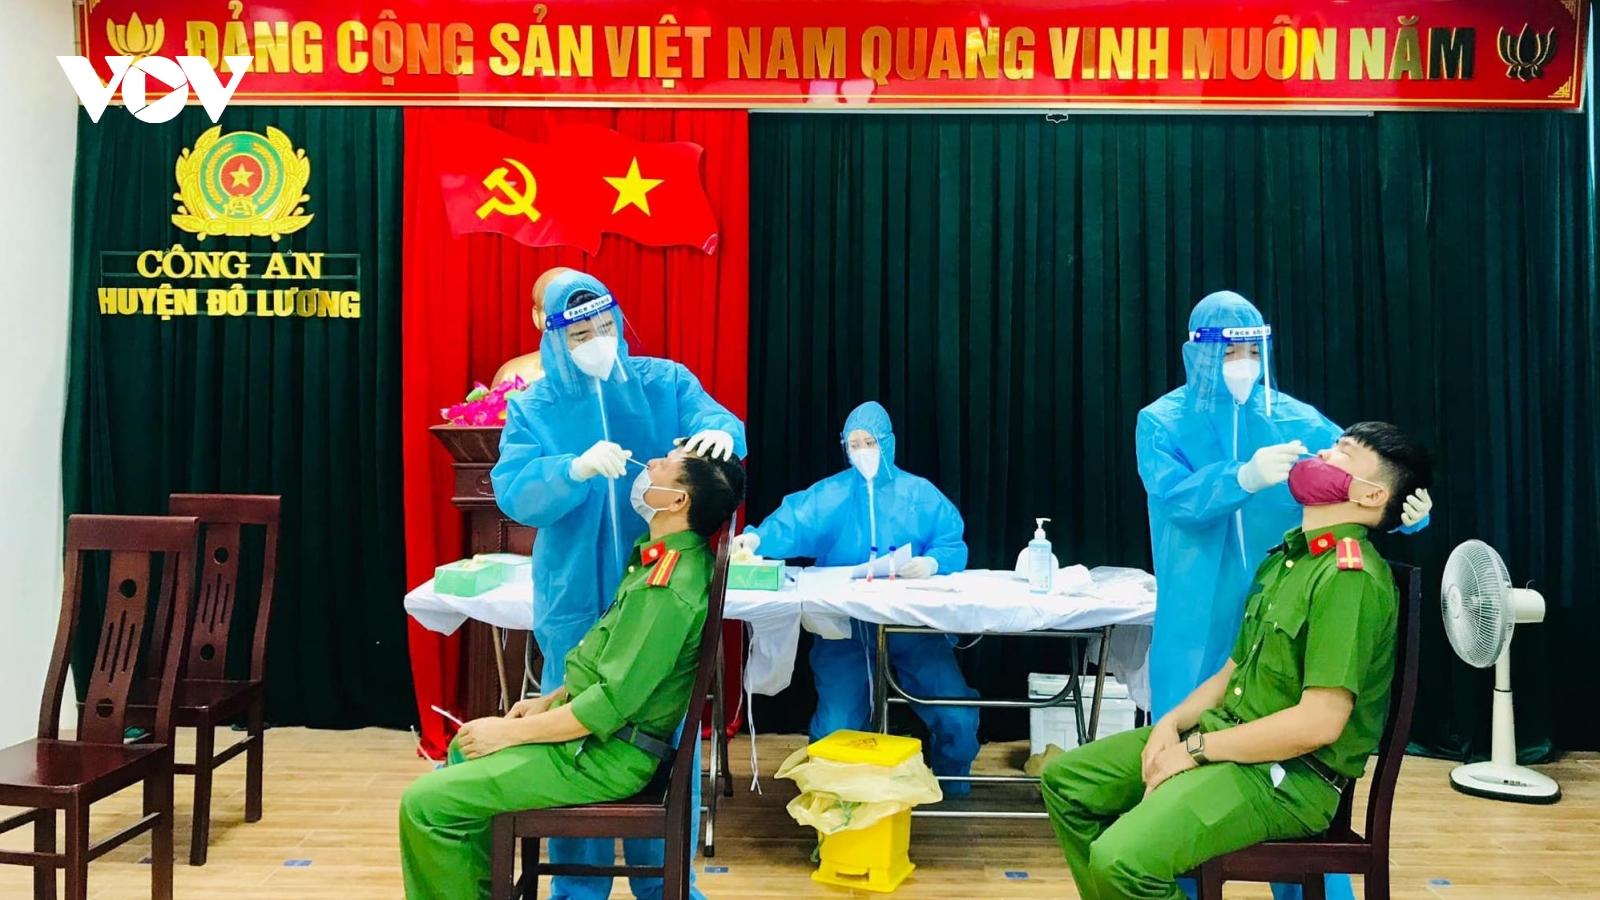 Phong tỏa trụ sở Công an huyện Đô Lương (Nghệ An) vì cán bộ mắc Covid-19